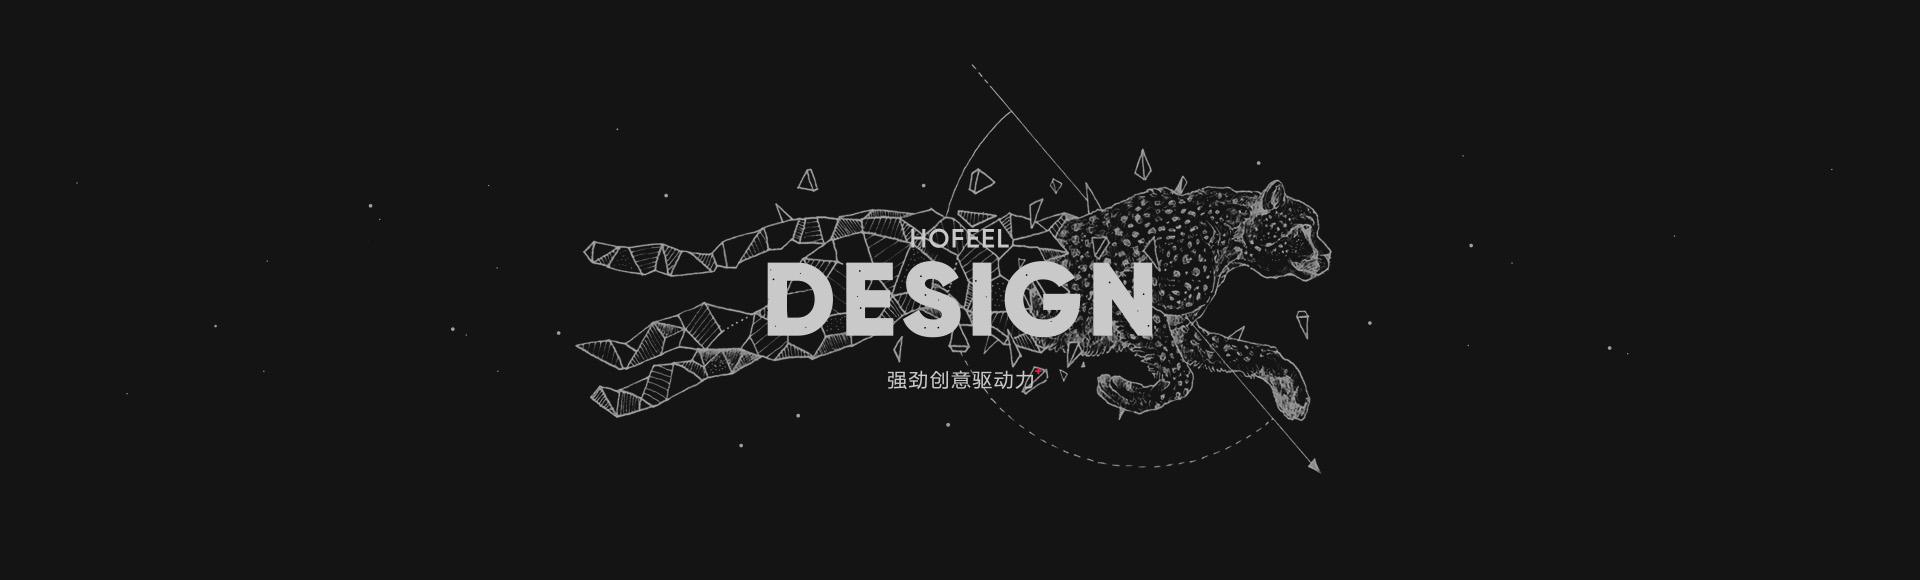 亚搏官网平台登录设计PC端网站新闻资讯栏目banner